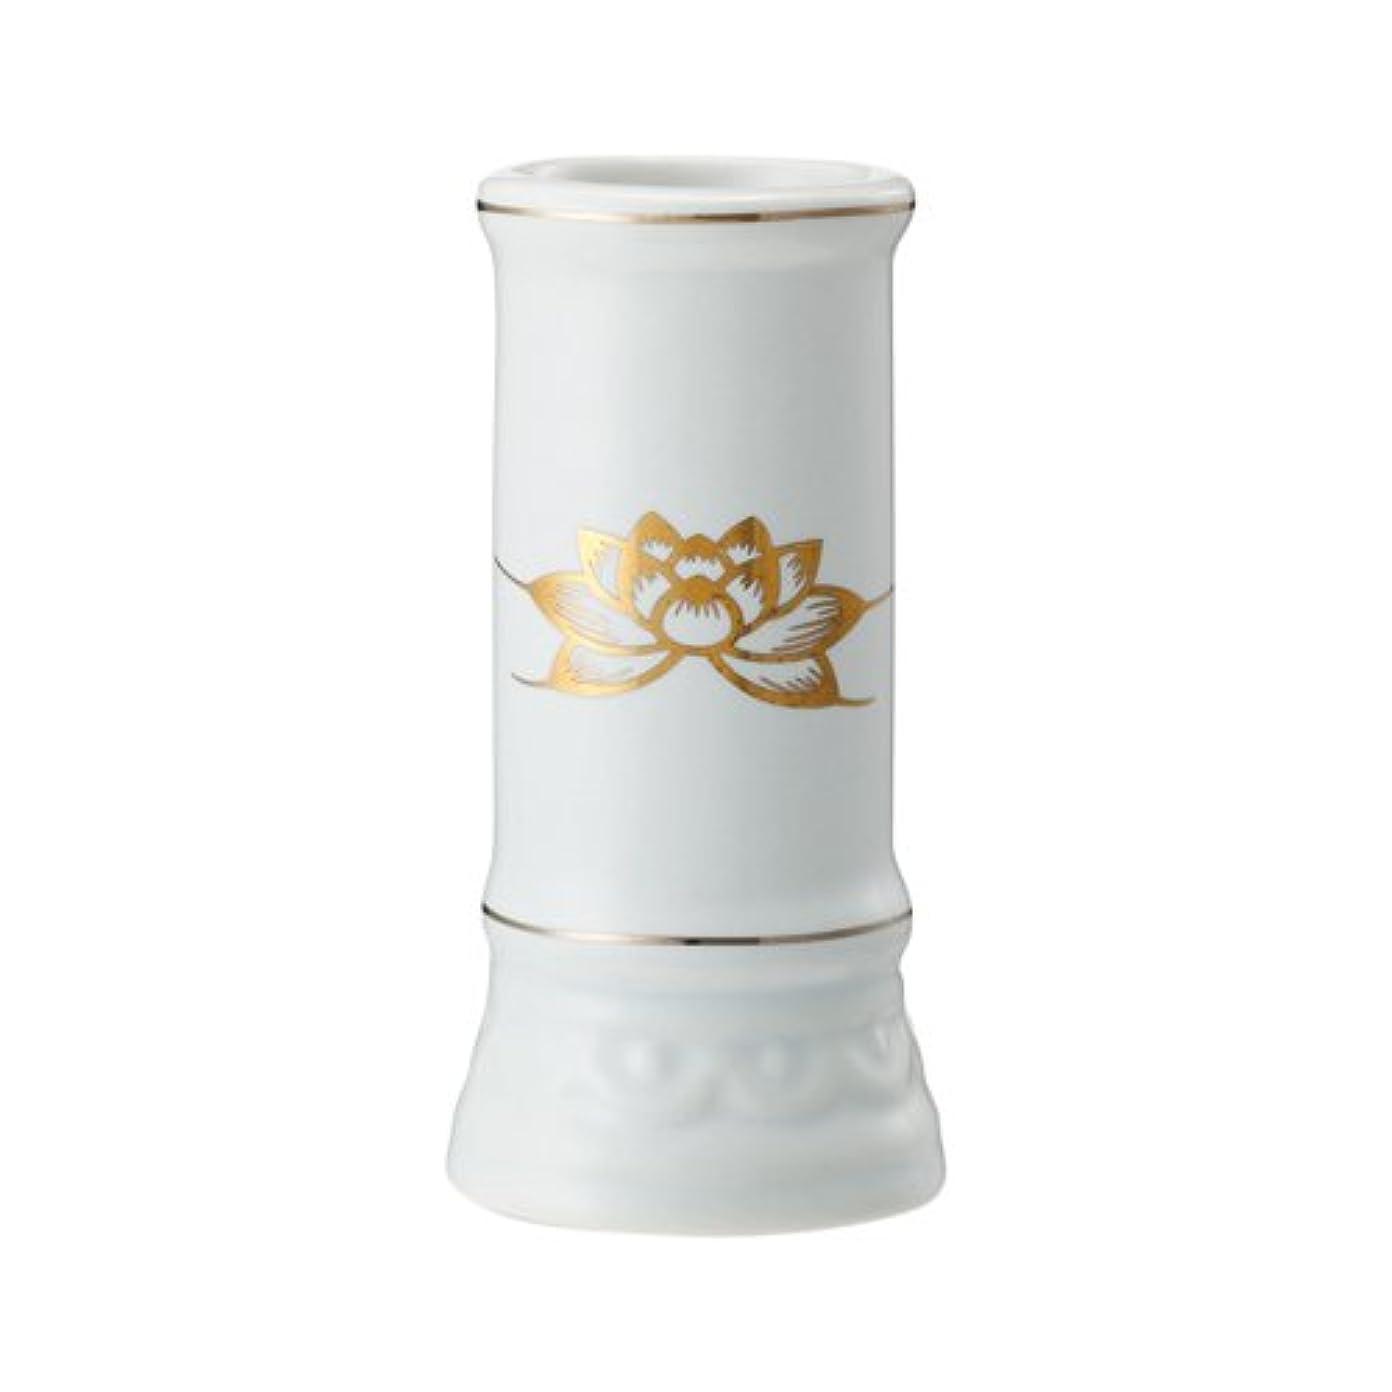 クラブ炭水化物理容室日本香堂 線香立て ミニ陶器白磁